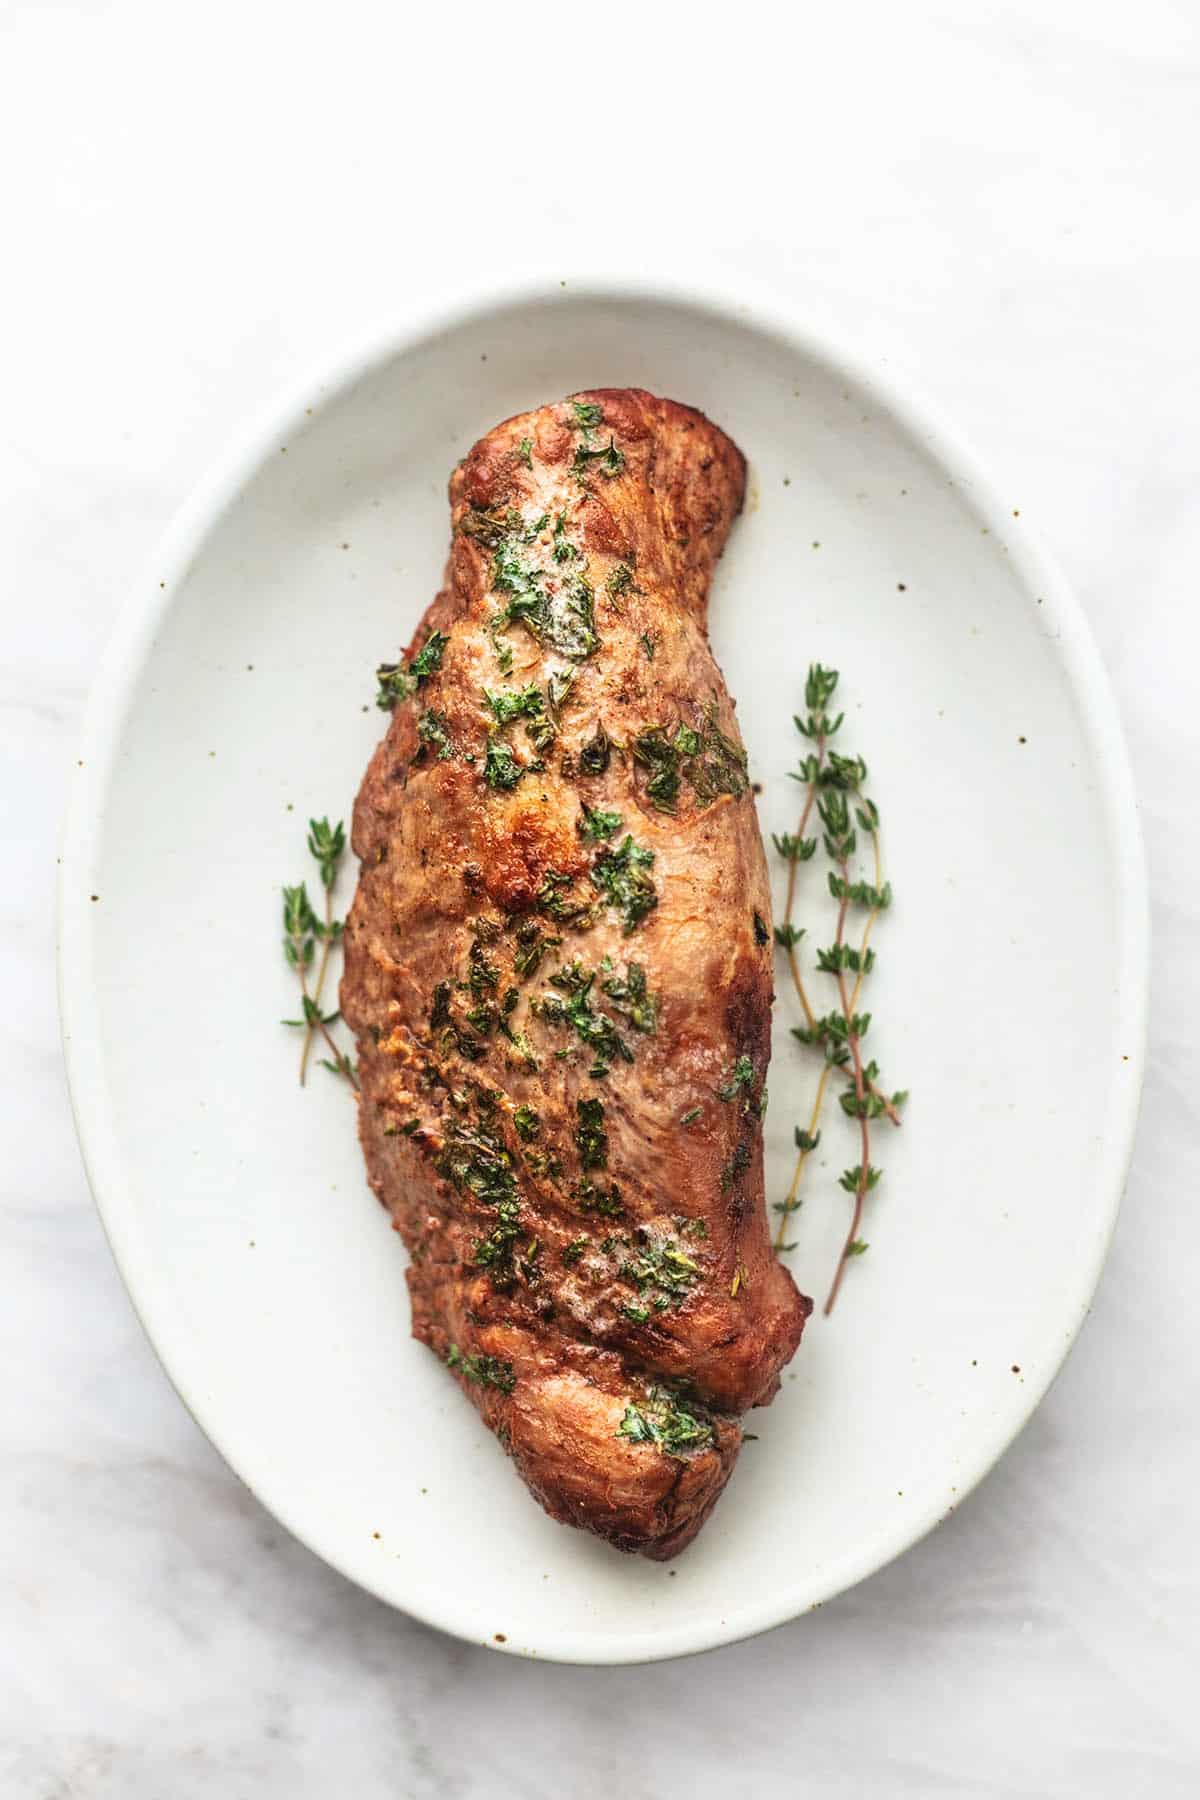 roasted pork tenderloin with fresh herbs on platter